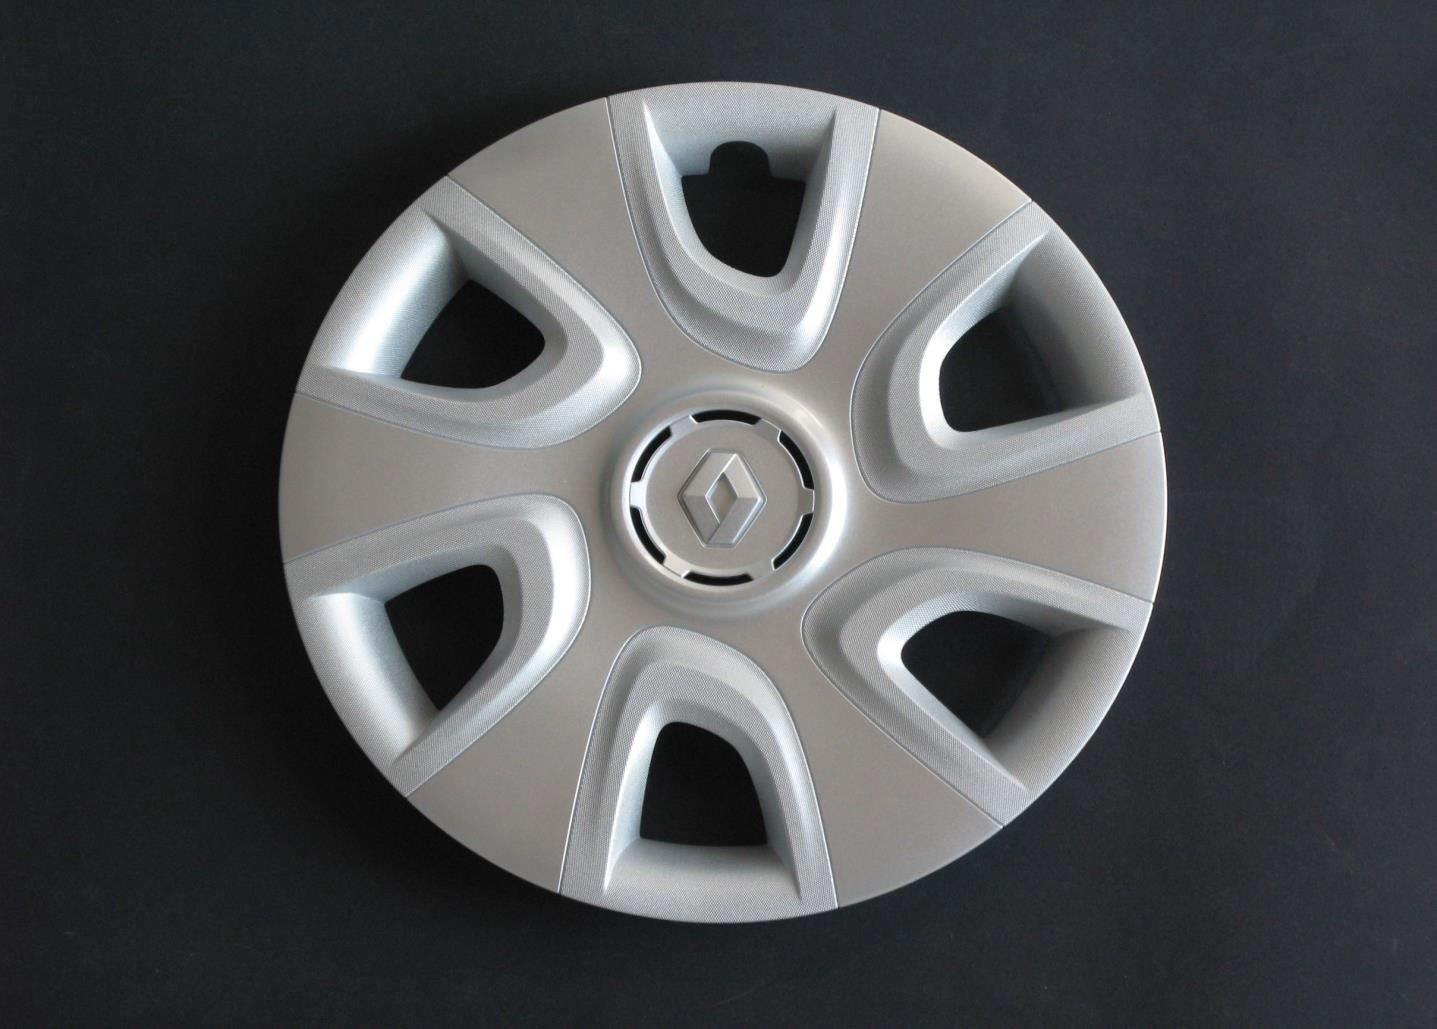 R.Vi.Autoforniture srl Set 4 Coppe Ruota Copricerchio Borchie Renault Clio (Iv serie) dal 2010 r 15